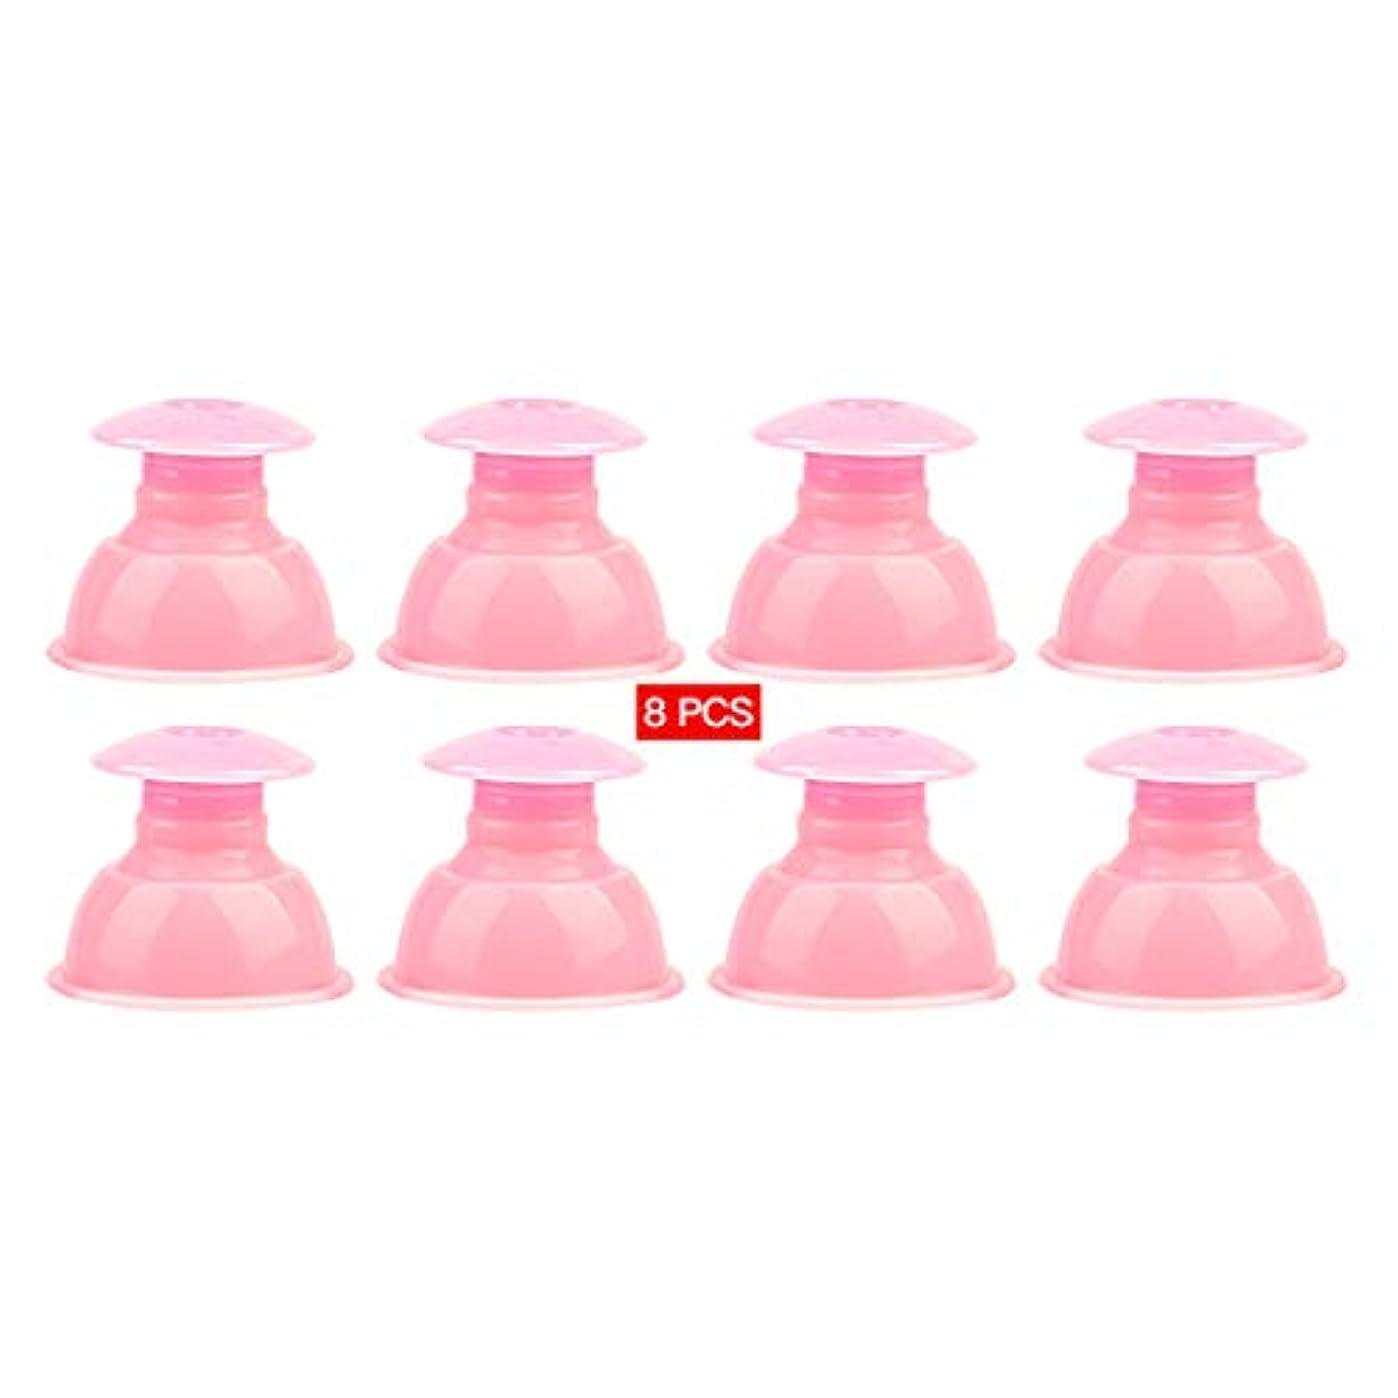 どれでもアレキサンダーグラハムベル仕事吸い玉 カッピング シリコン製 水洗いOK 繰り返し使える 55×35×48mm 8個セット ピンク